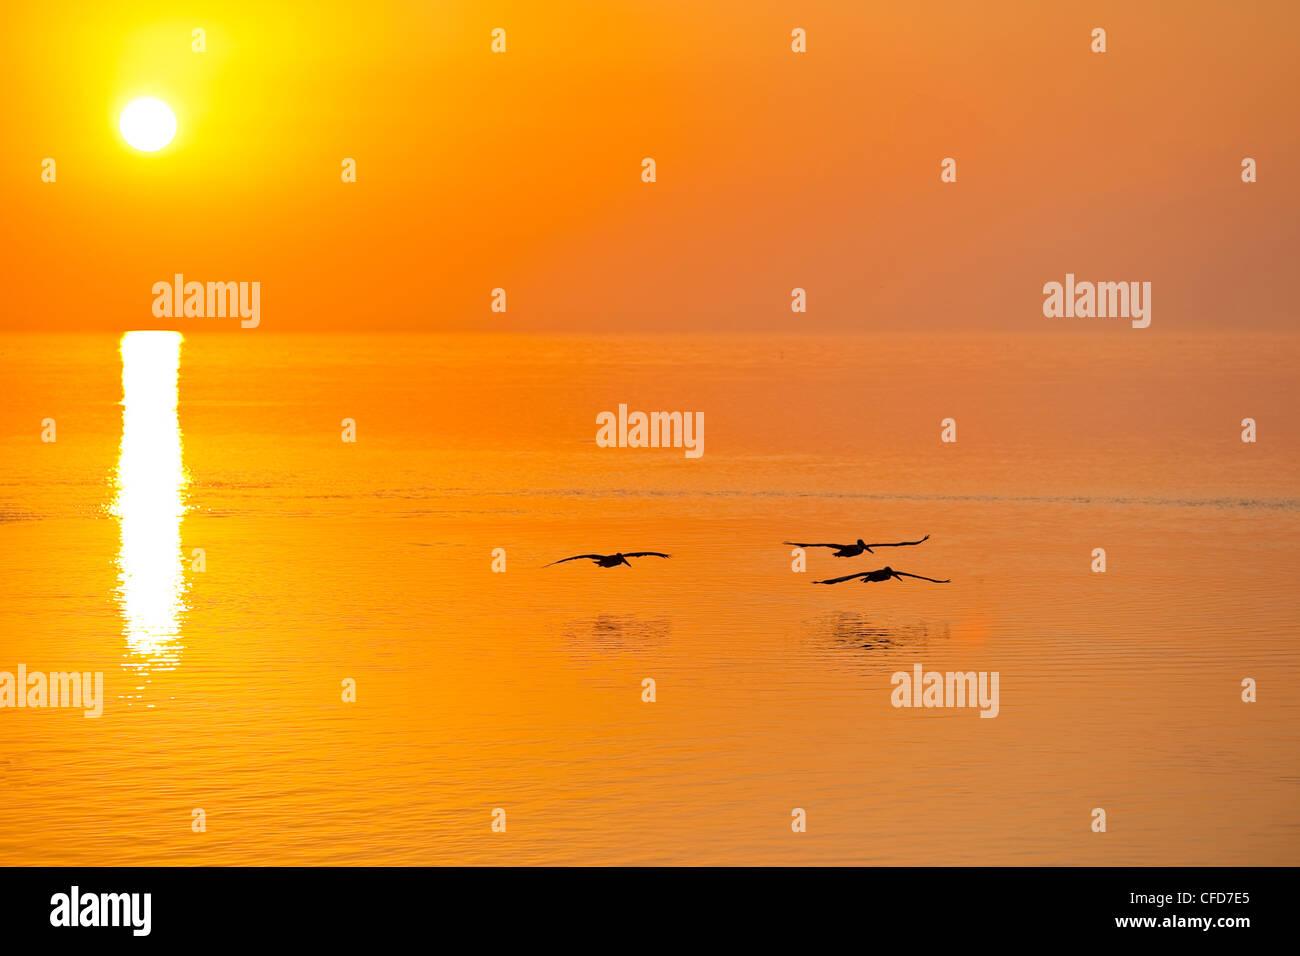 Drei braune Pelikane bei Sonnenaufgang, Florida Keys, Florida, Vereinigte Staaten von Amerika. Stockbild